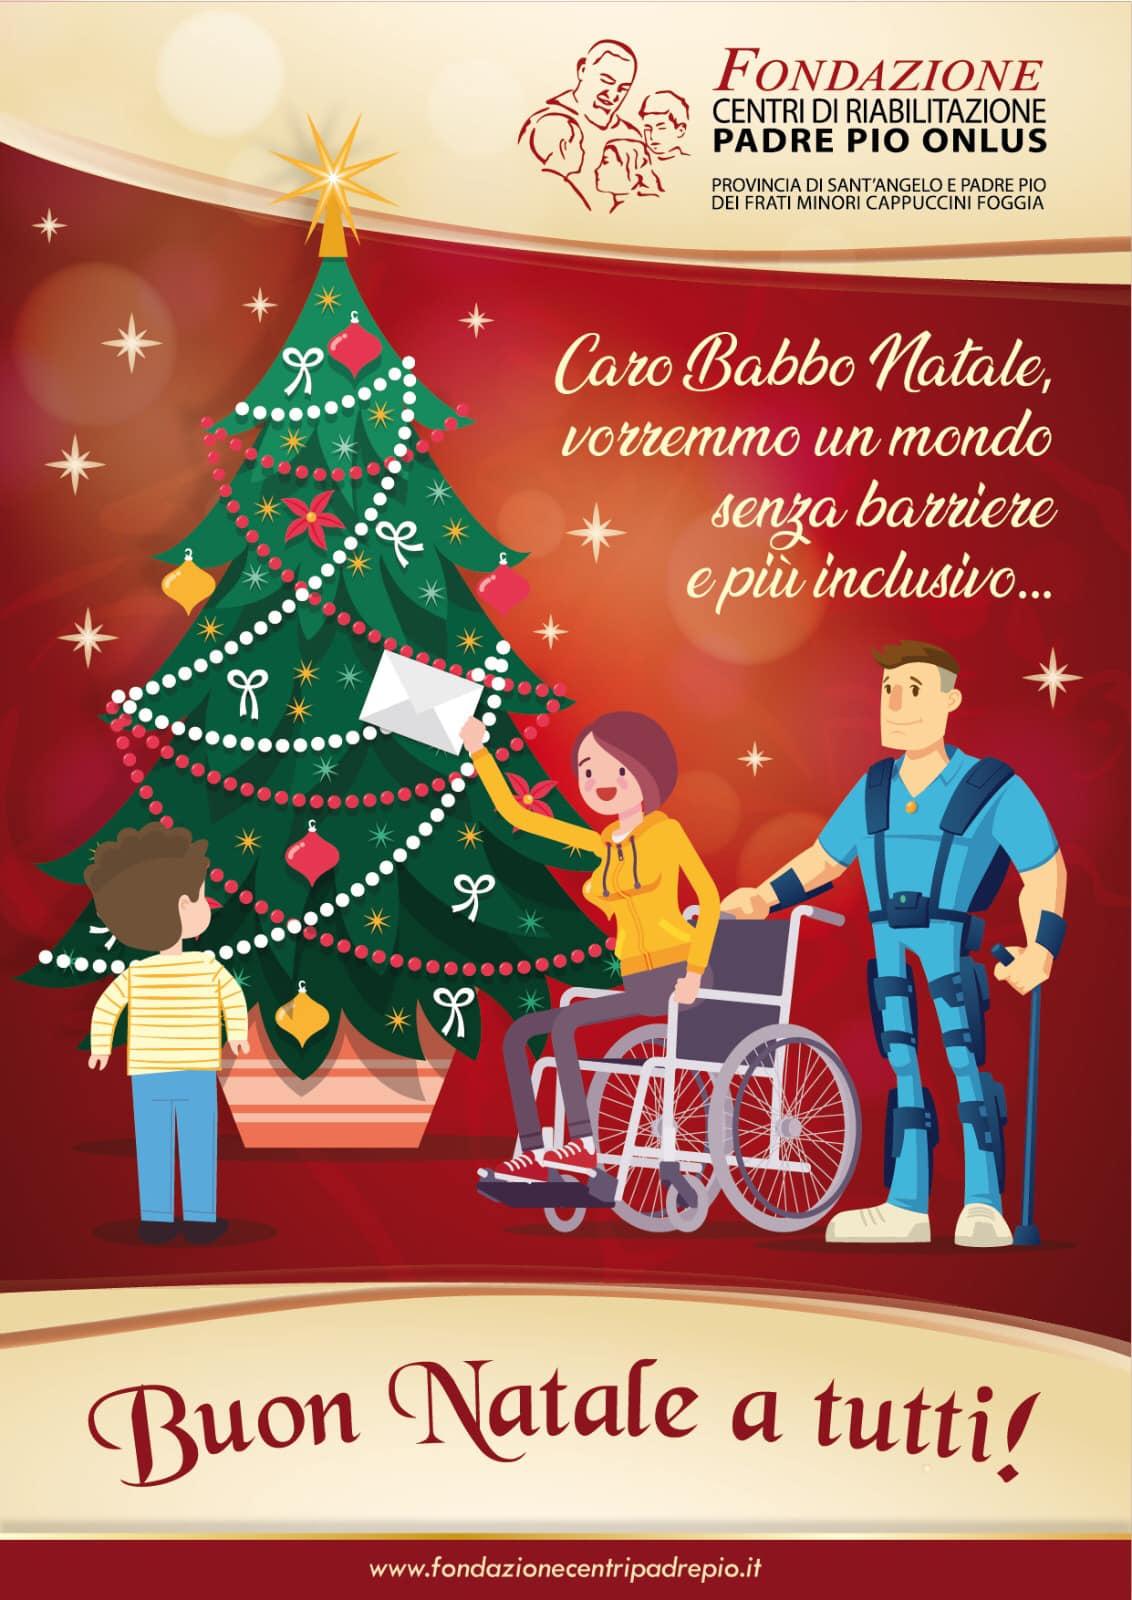 Immaggini Di Buon Natale.Auguri Buon Natale Fondazione Centri Di Riabilitazione Padre Pio Onlus